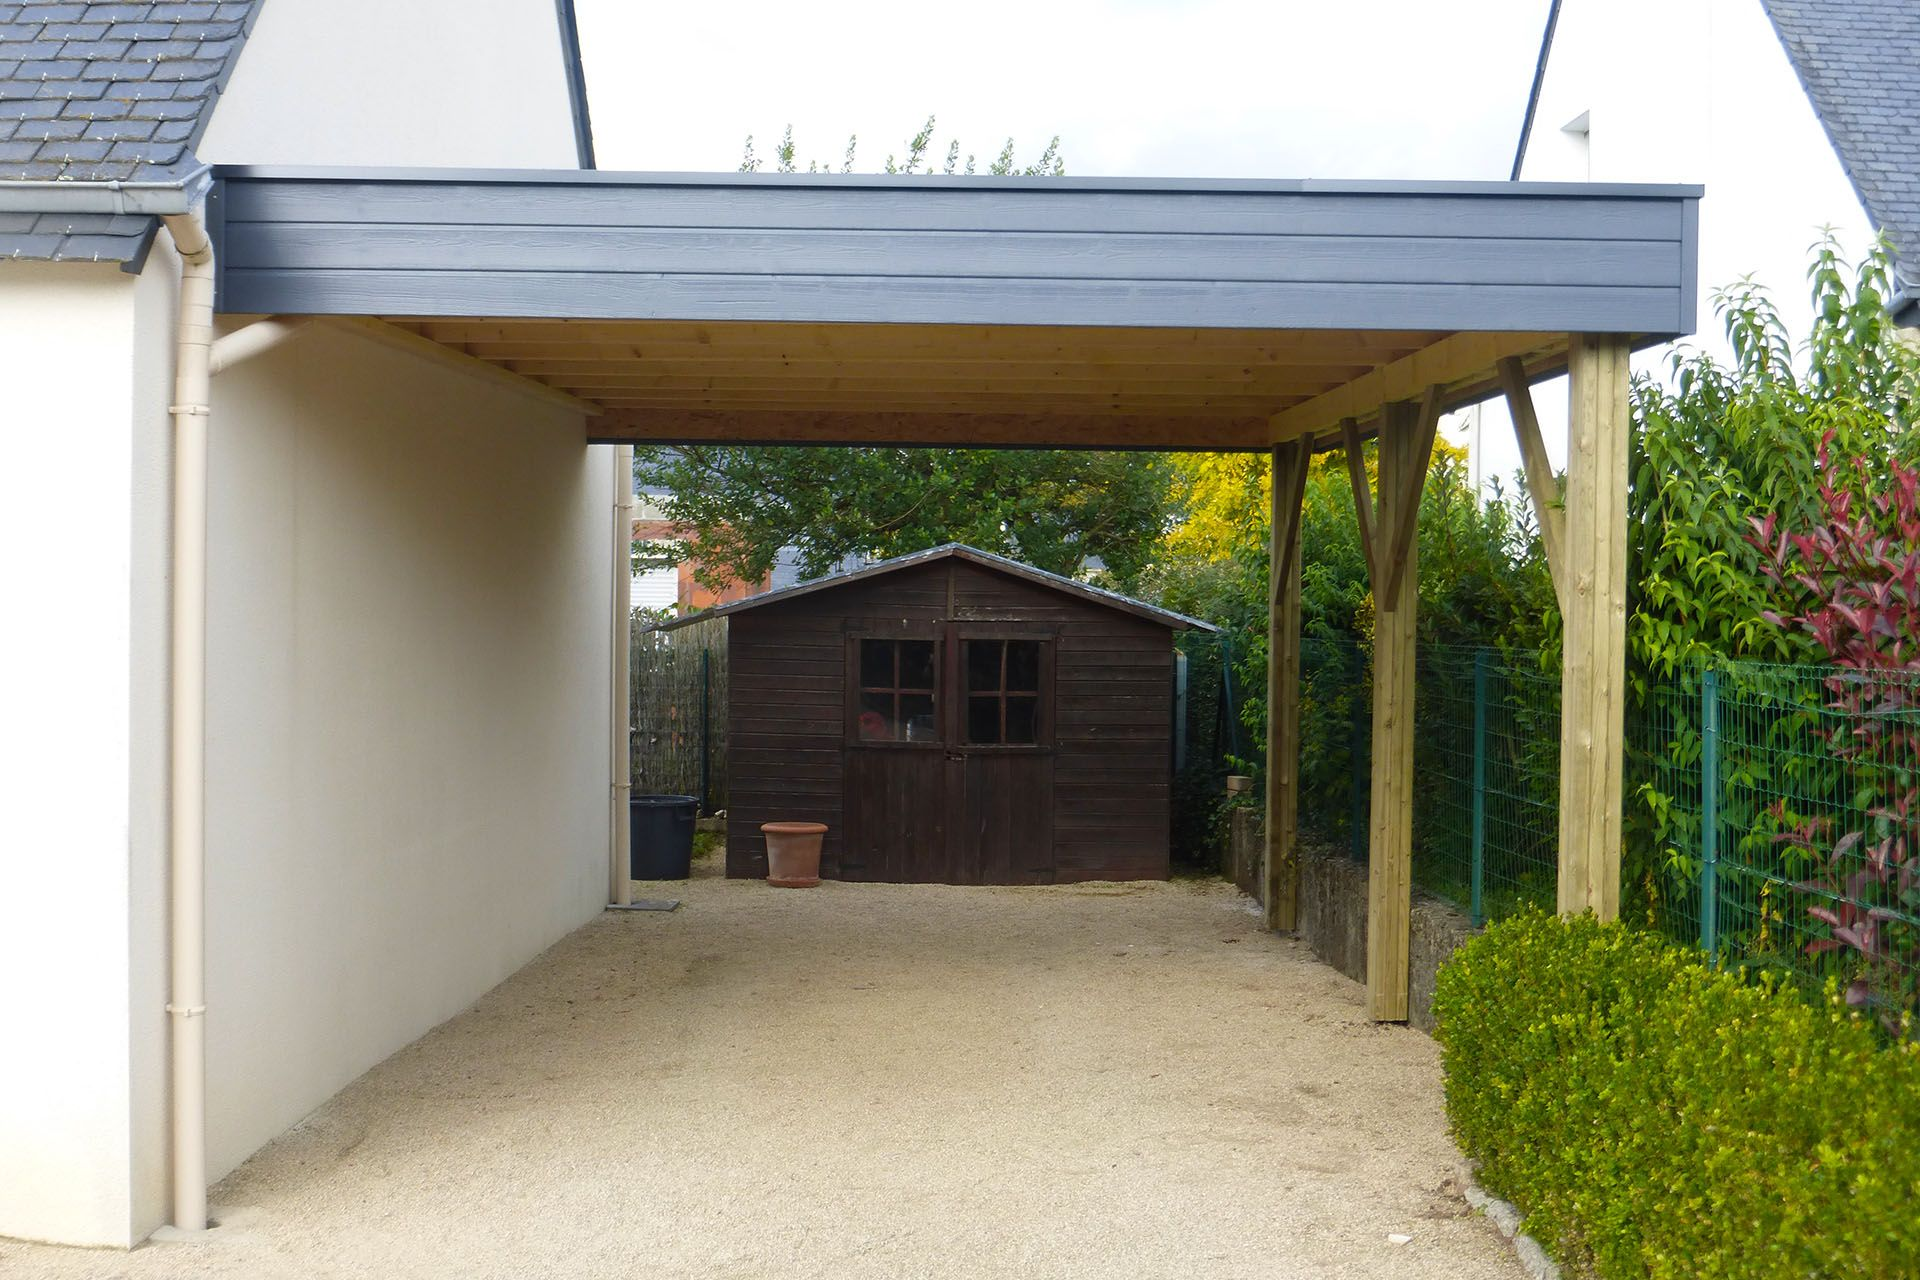 Grand Carport En Clin Adosse A Une Maison Traditionnelle Garage Toit Plat Garage Bois Toit Plat Abri Pour Voiture Pergola